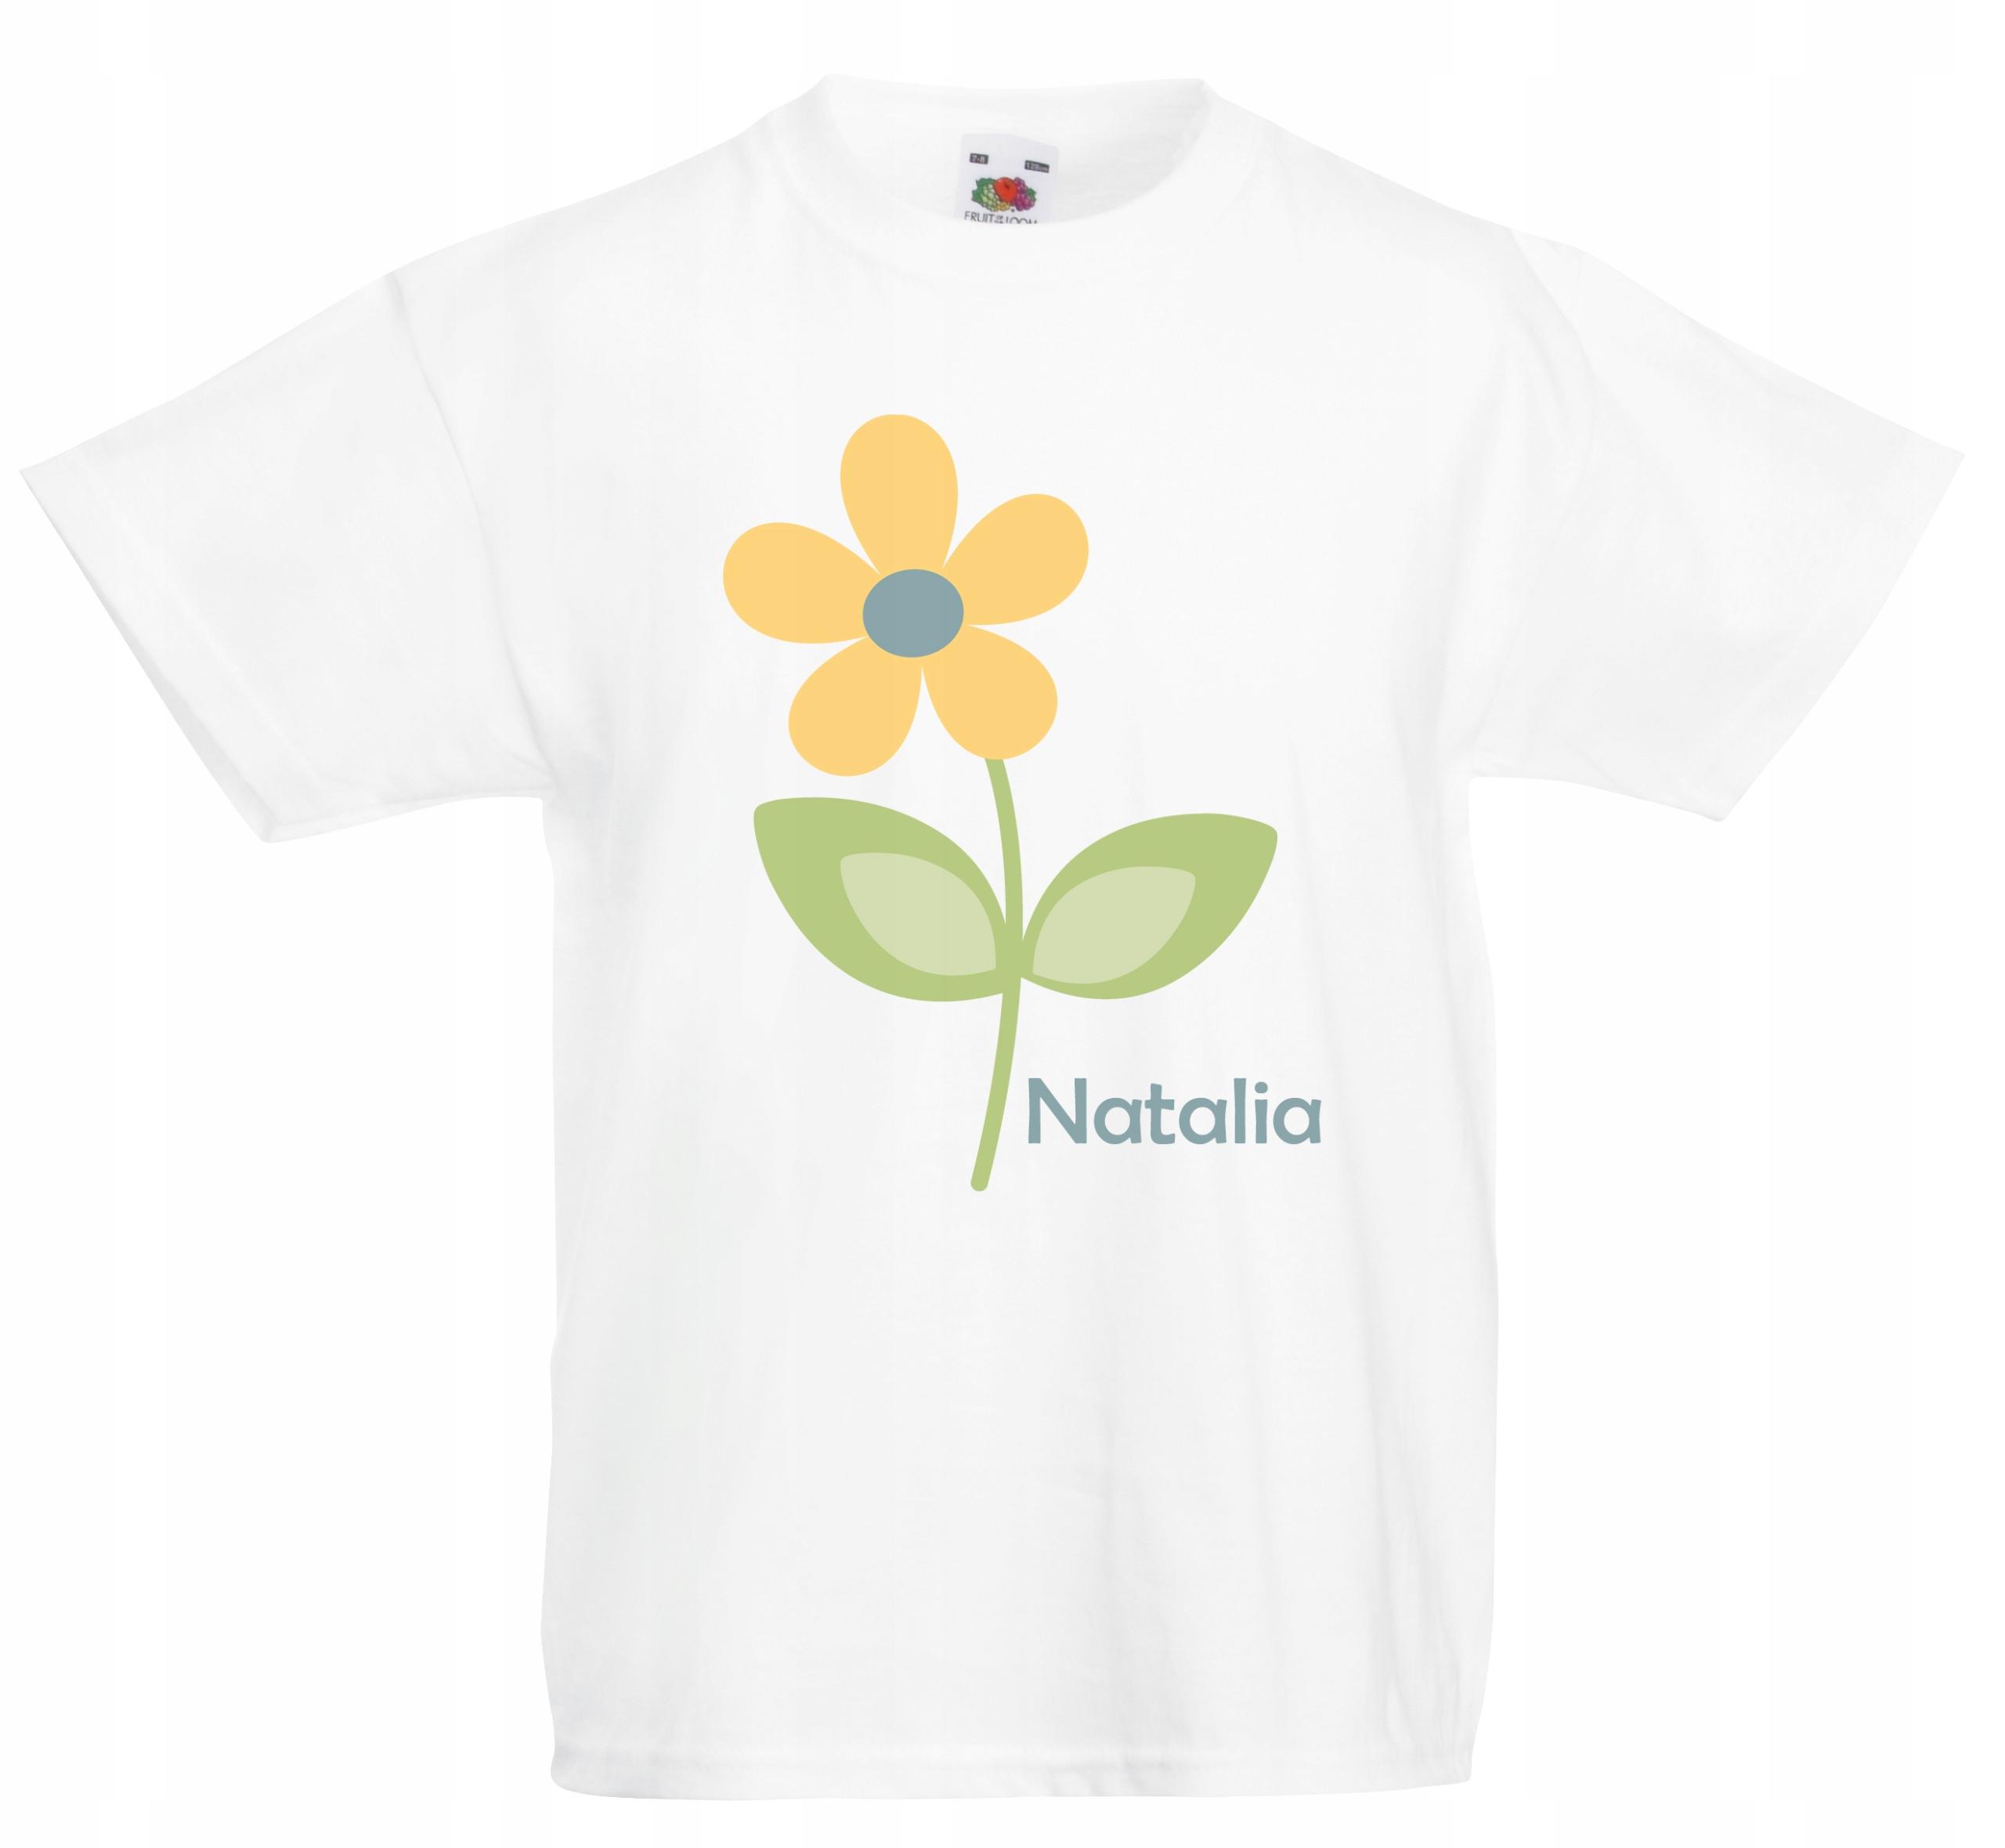 43052f0c2 Koszulki z imieniem DZIECI tshirt KWIATEK 164 7768485510 - Allegro.pl